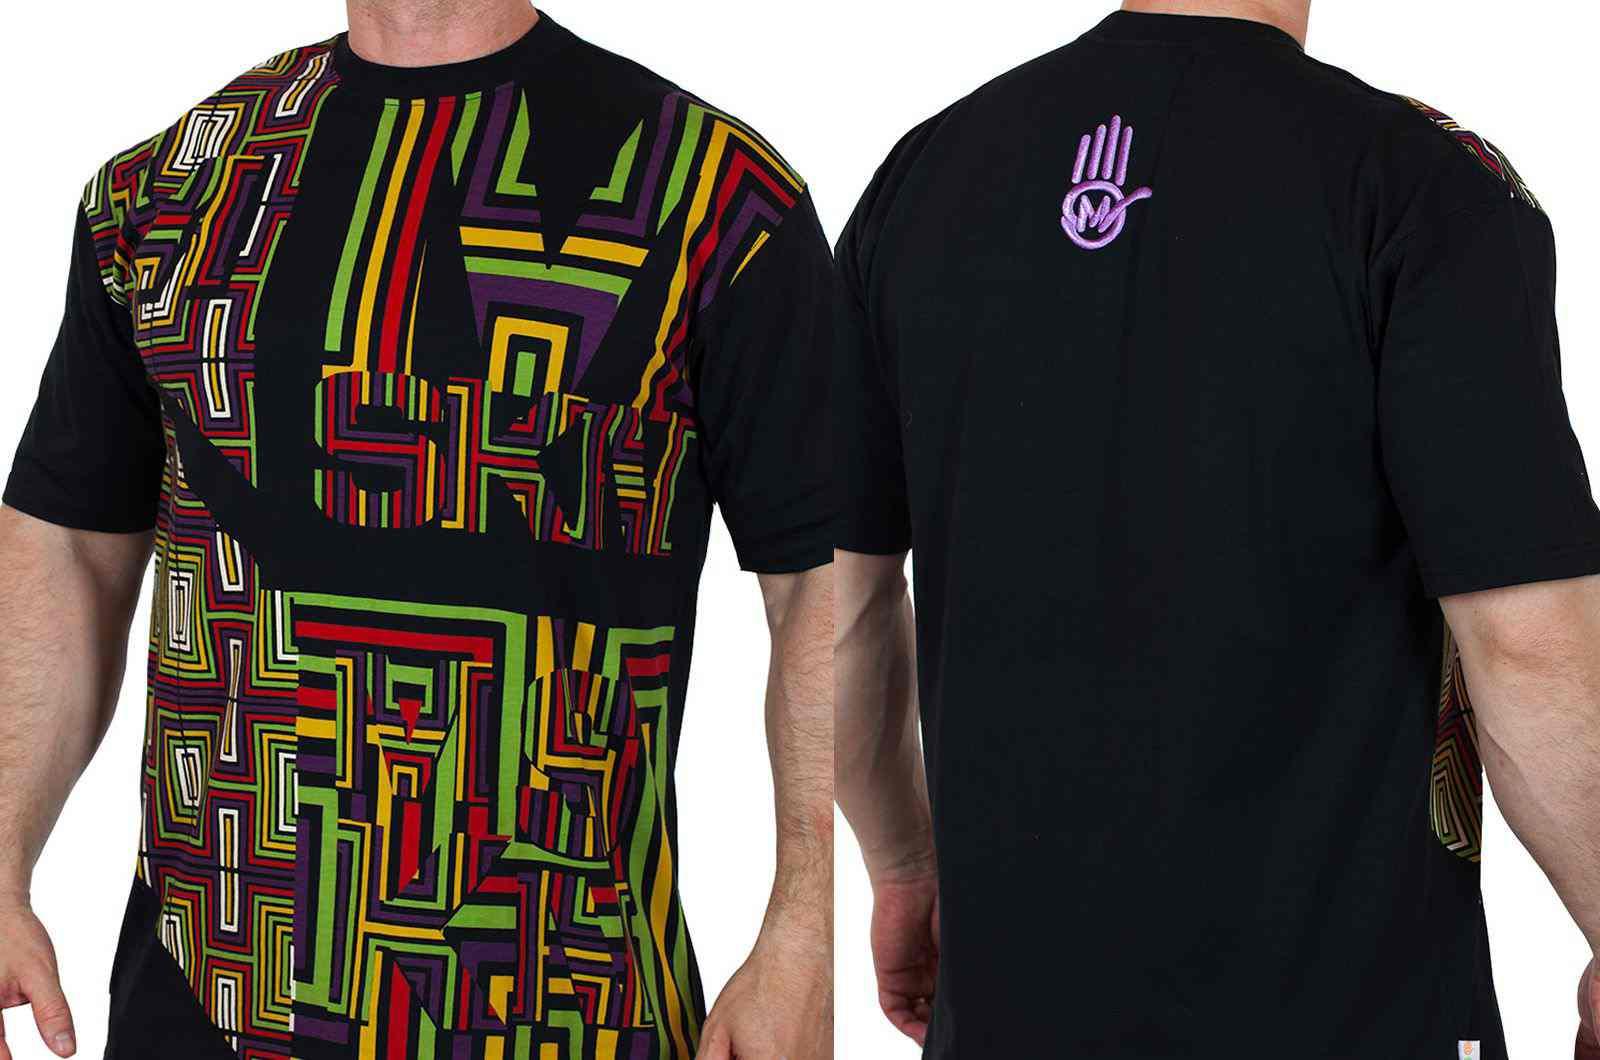 Уникальная дизайнерская футболка от Miskeen Originals-двойная